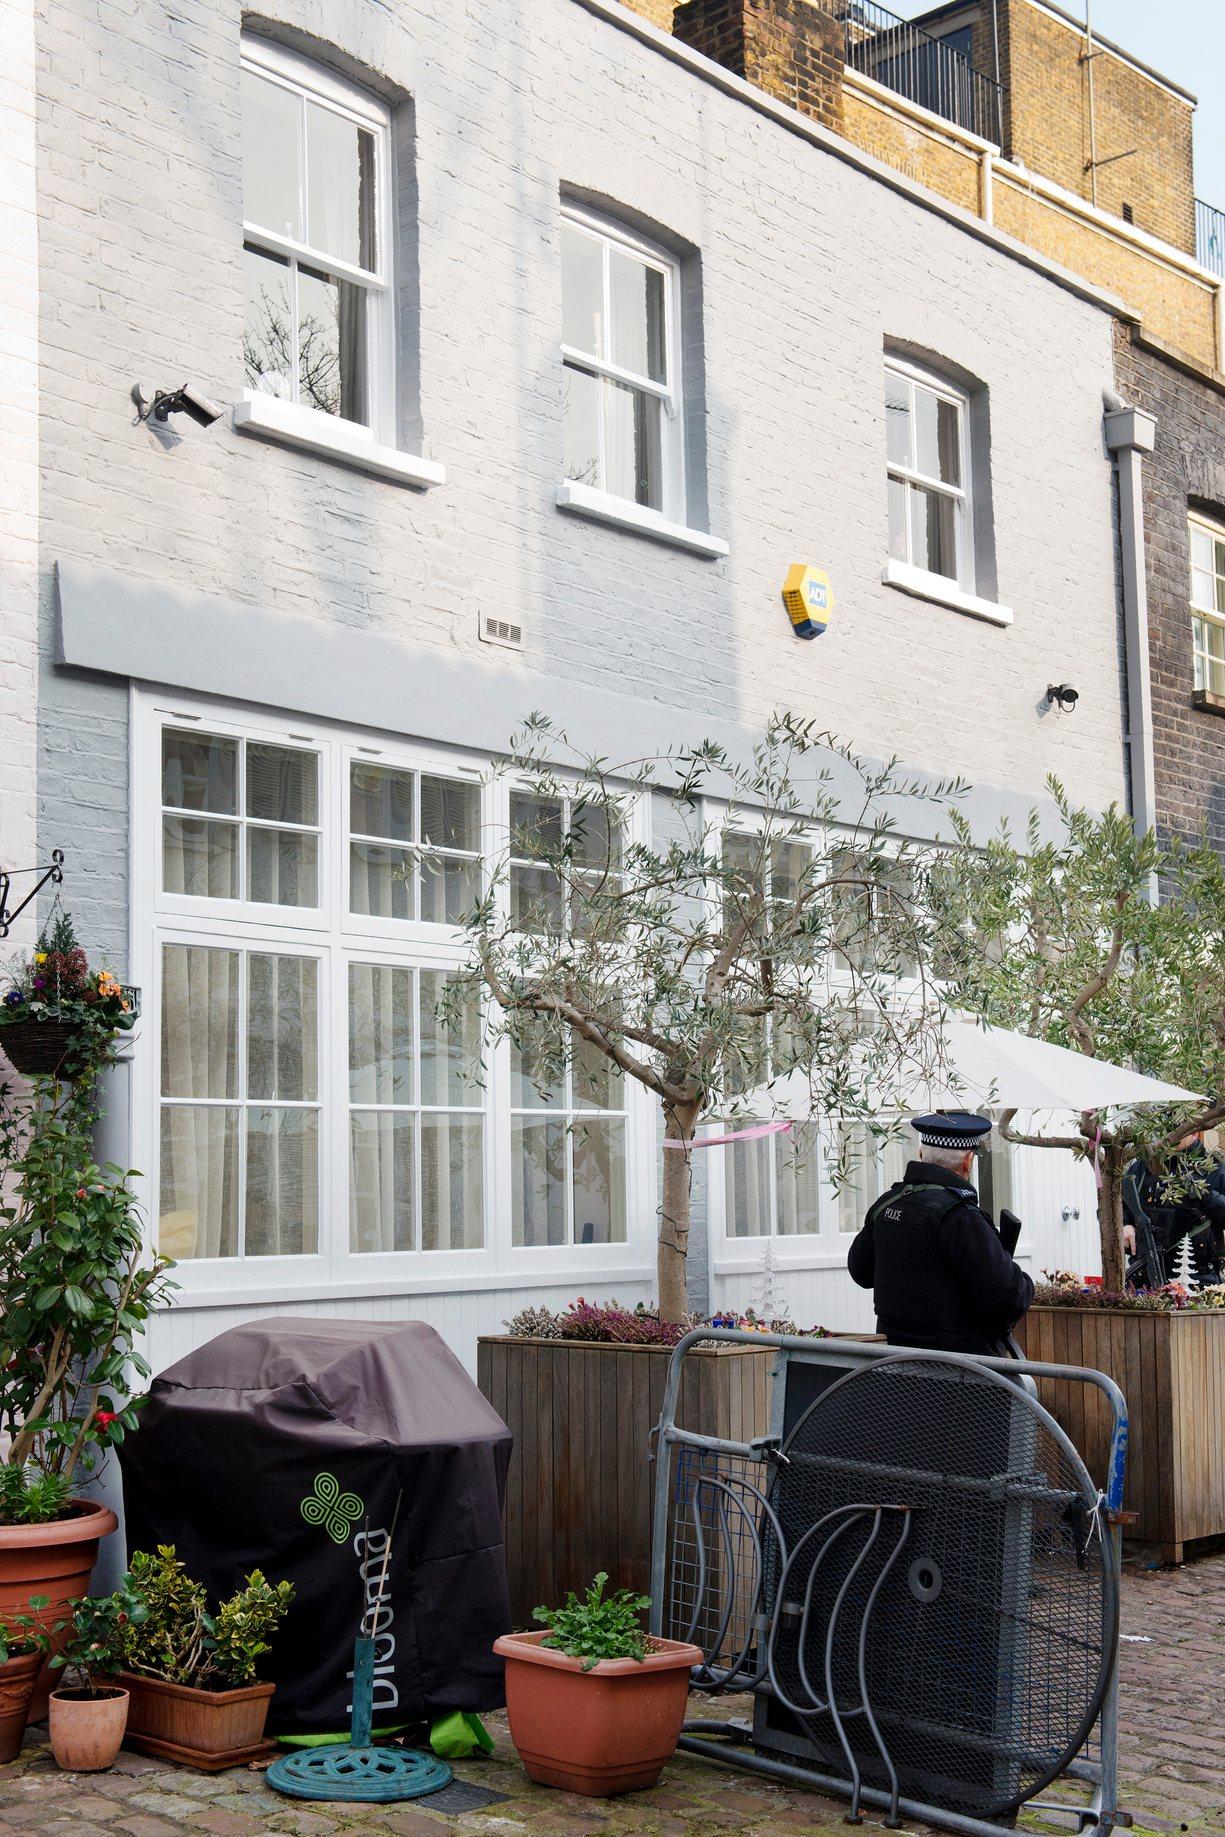 Propriedade em Londres (avaliada em 6 milhões de libras). The Guardian